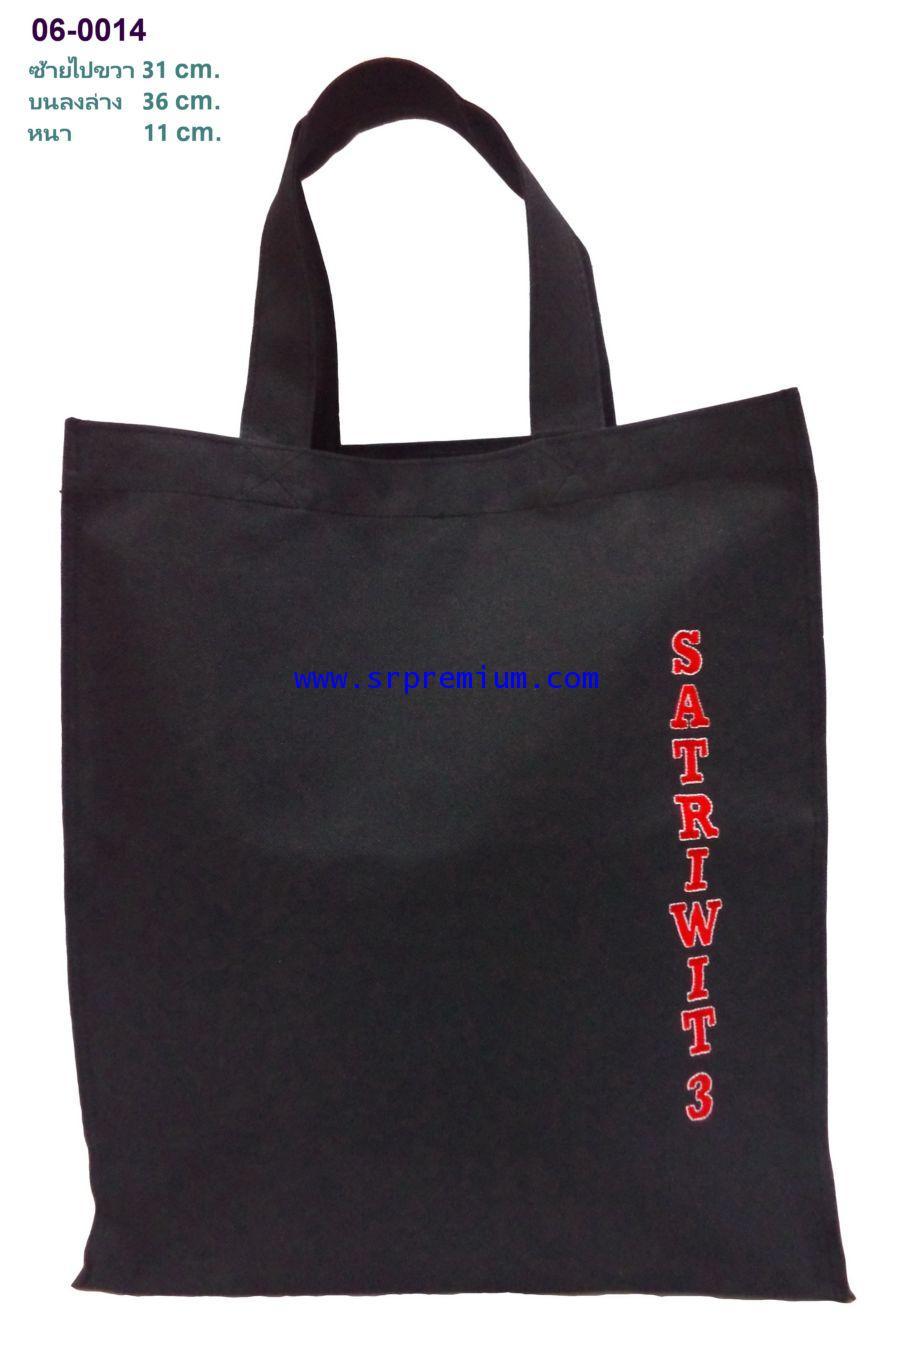 กระเป๋าช้อปปิ้ง, กระเป๋าเคียง 06-0014